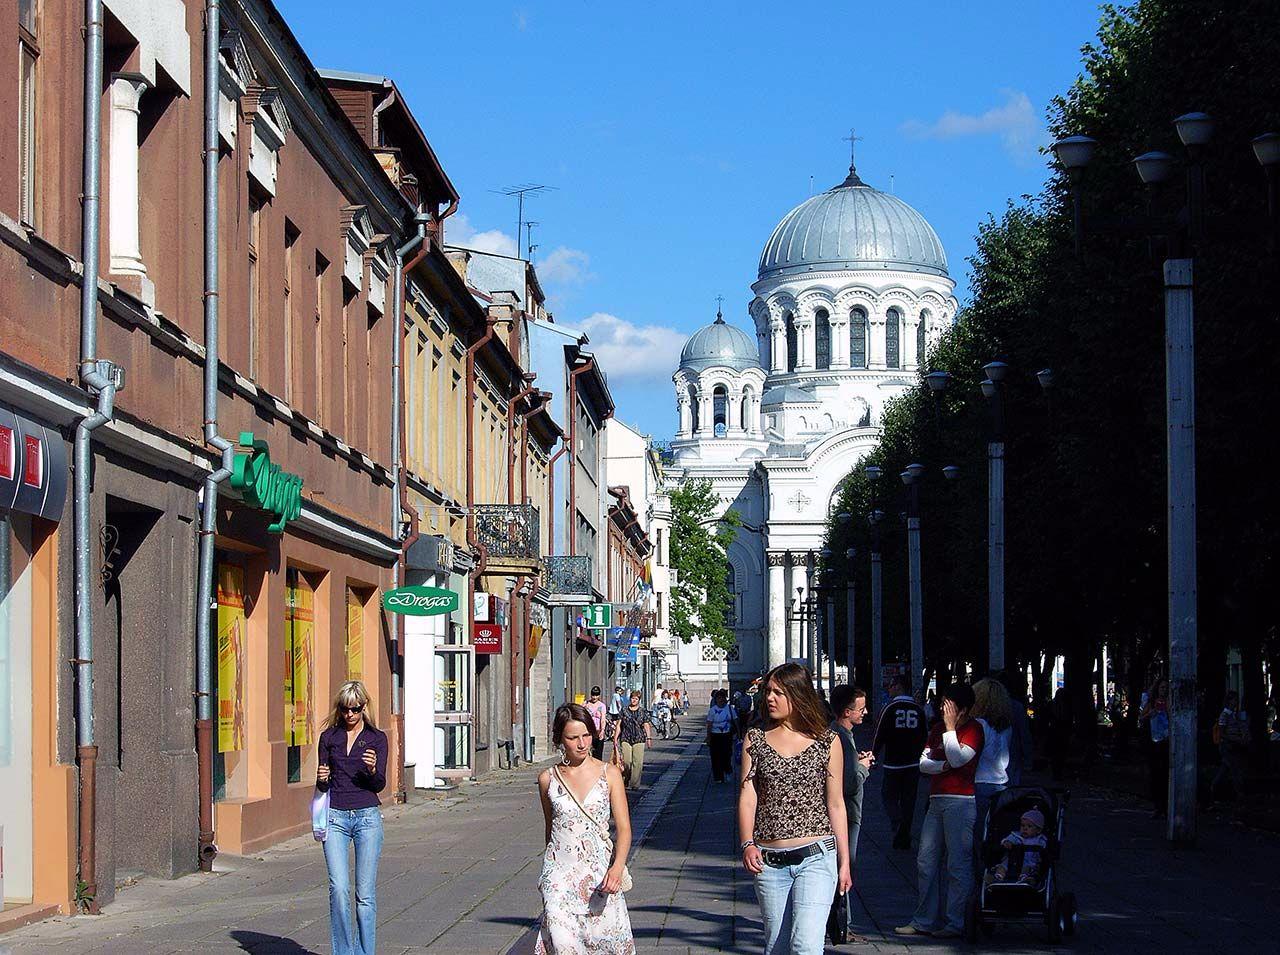 Strassenszene in Kaunas, Litauen. Bild: Ventus Reisen